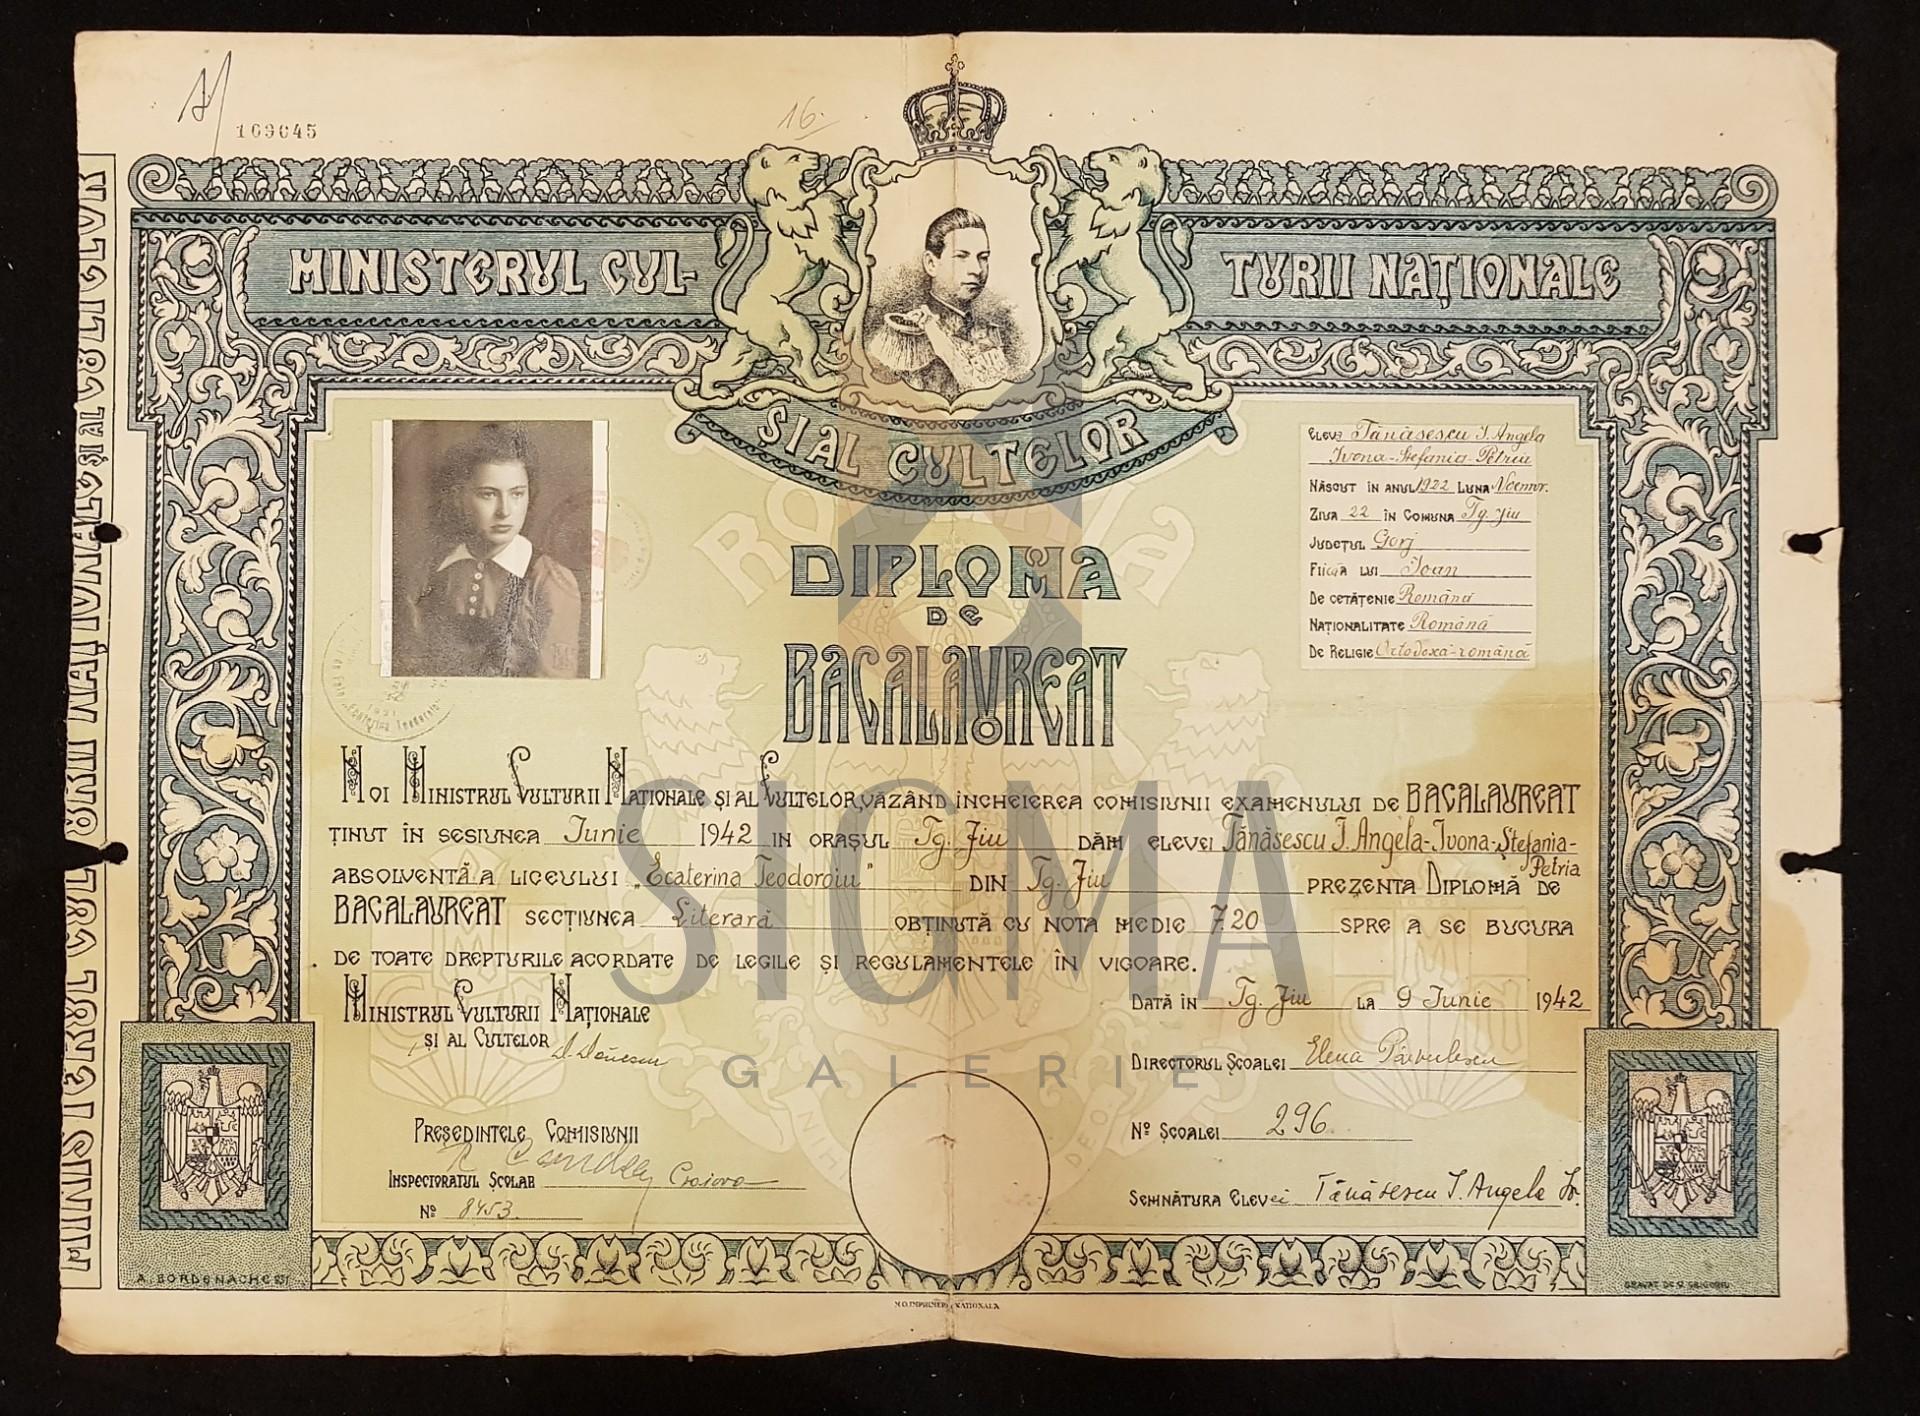 """DIPLOMA DE BACALAUREAT, Sectiunea Literara a Liceului """"ECATERINA TEODOROIU"""" din Targu-Jiu, 9 Iunie 1942"""